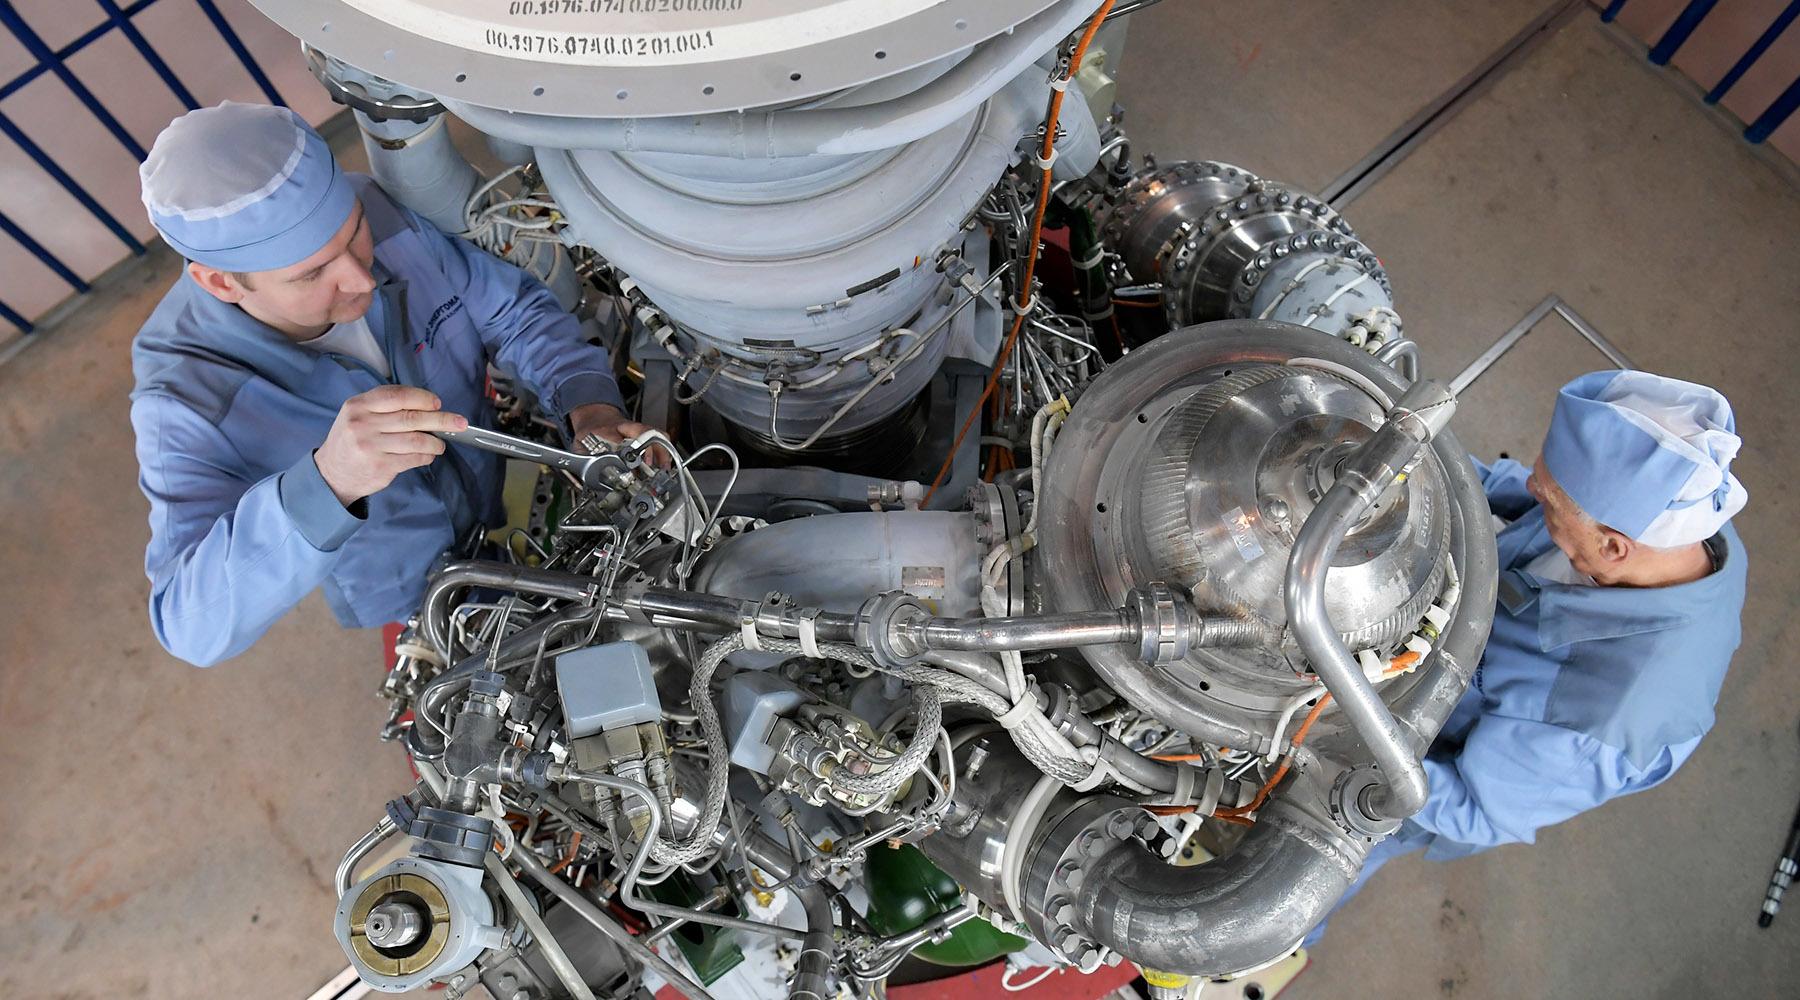 Аналогов нет: американцы будут летать в космос на российских двигателях ещё 10 лет